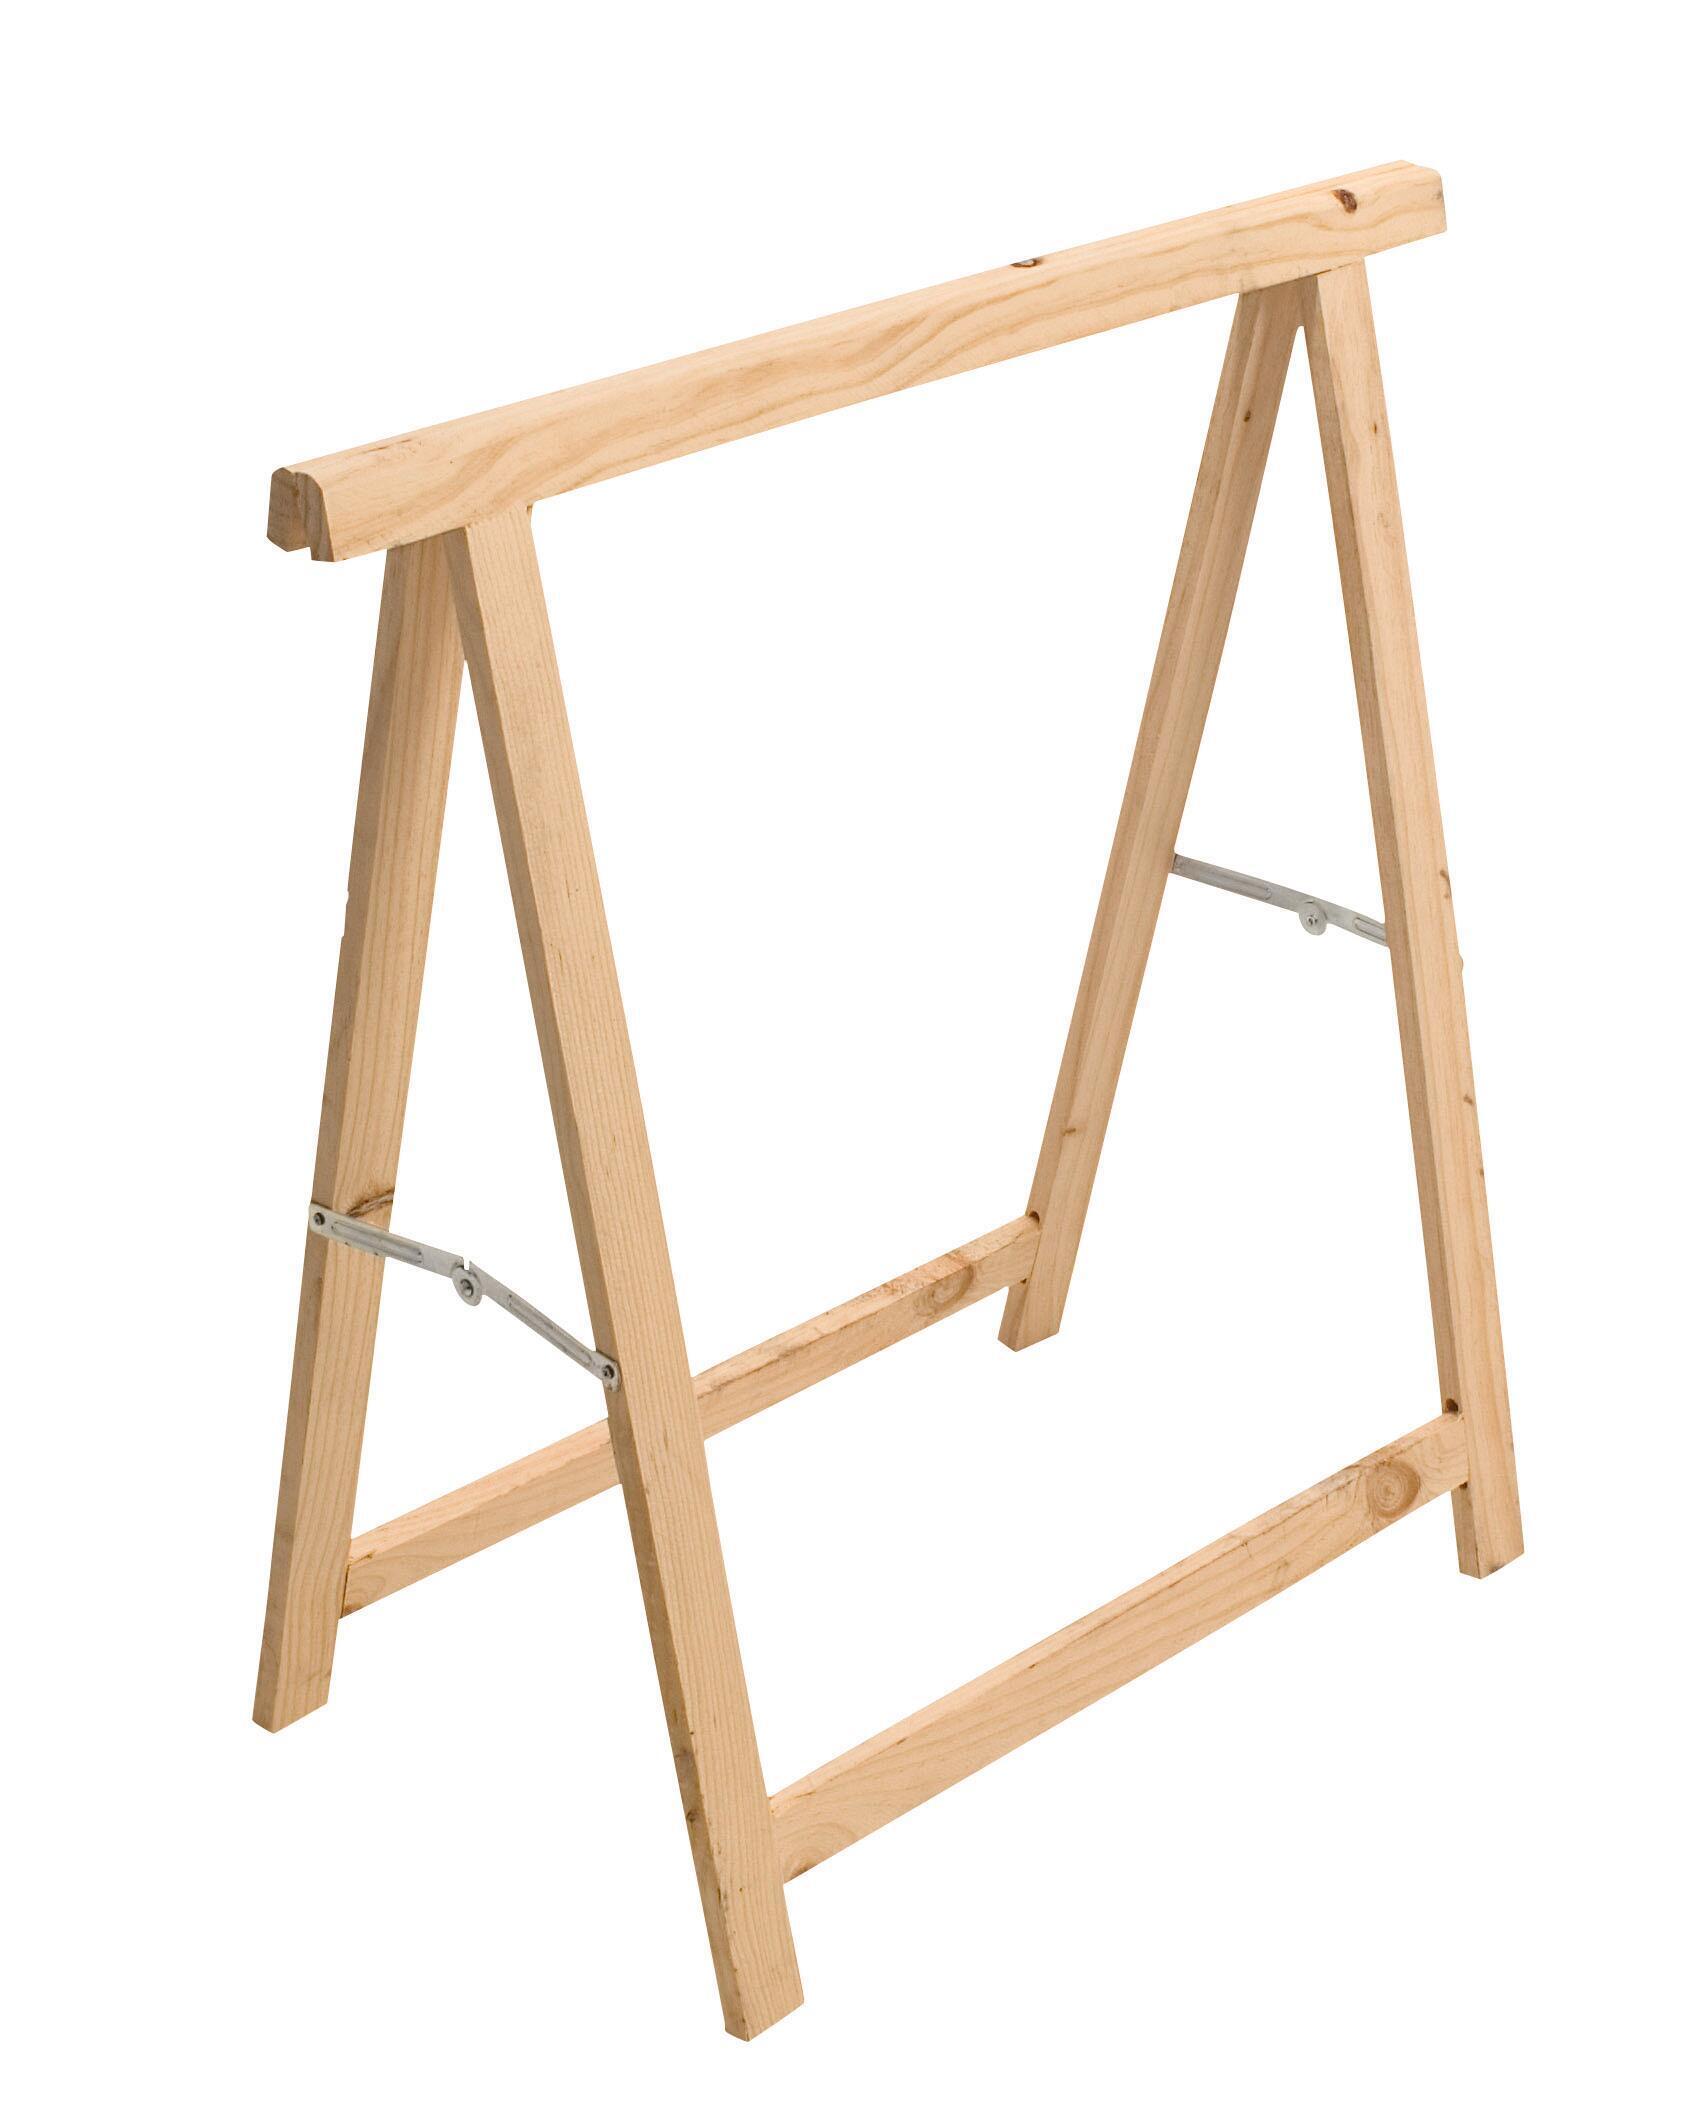 Cavalletto in pino Standard L 73.5 x P 73.5 x H 74 cm legno naturale - 10